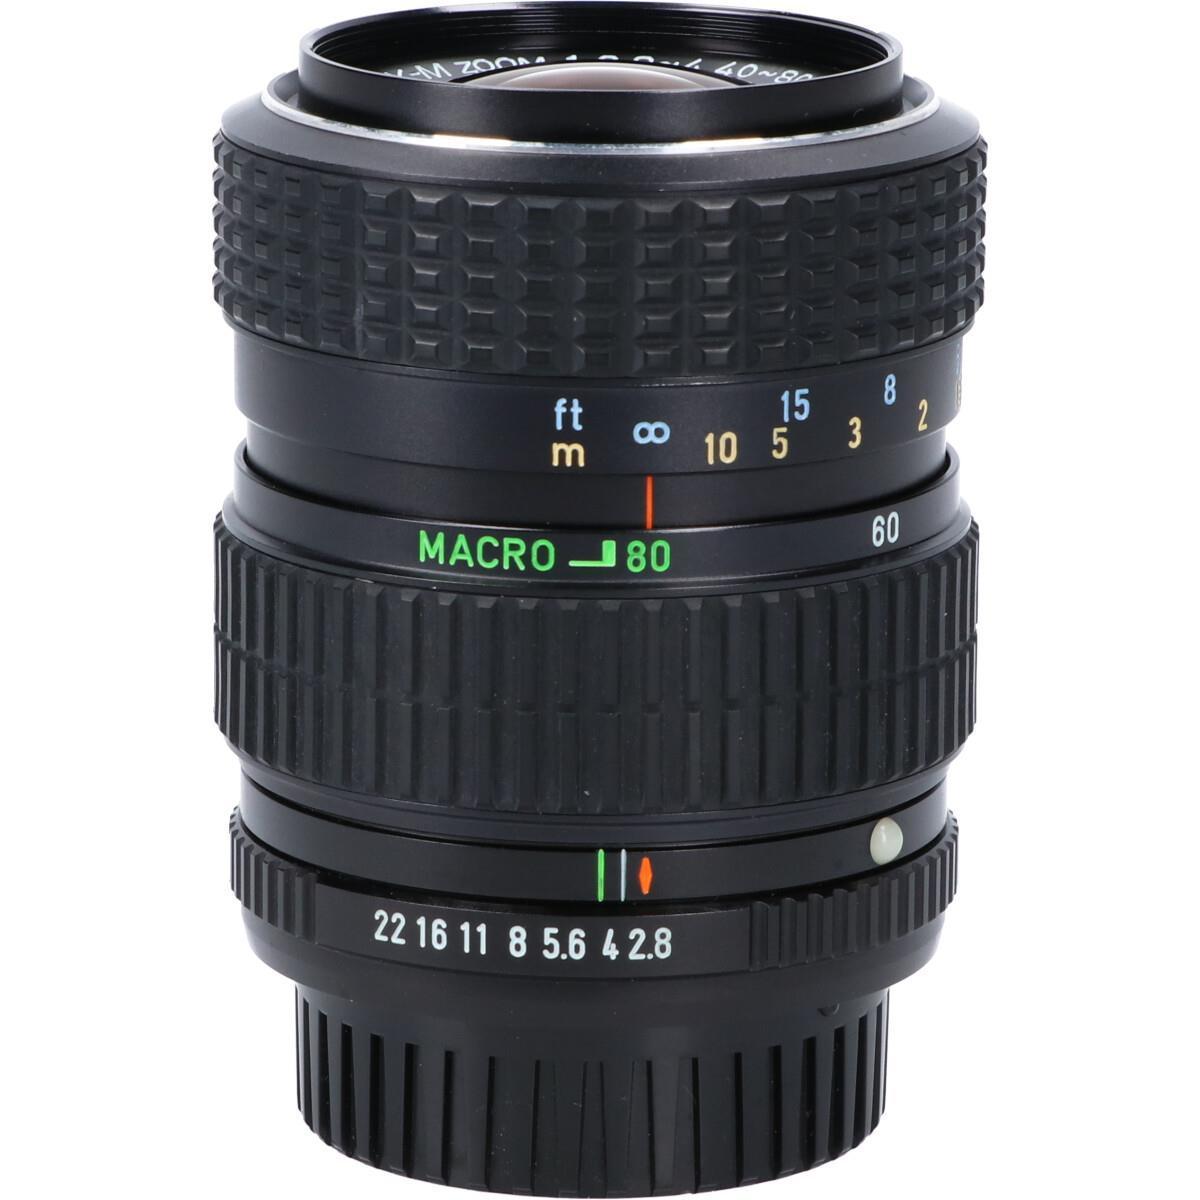 PENTAX M40-80mm F2.8-4